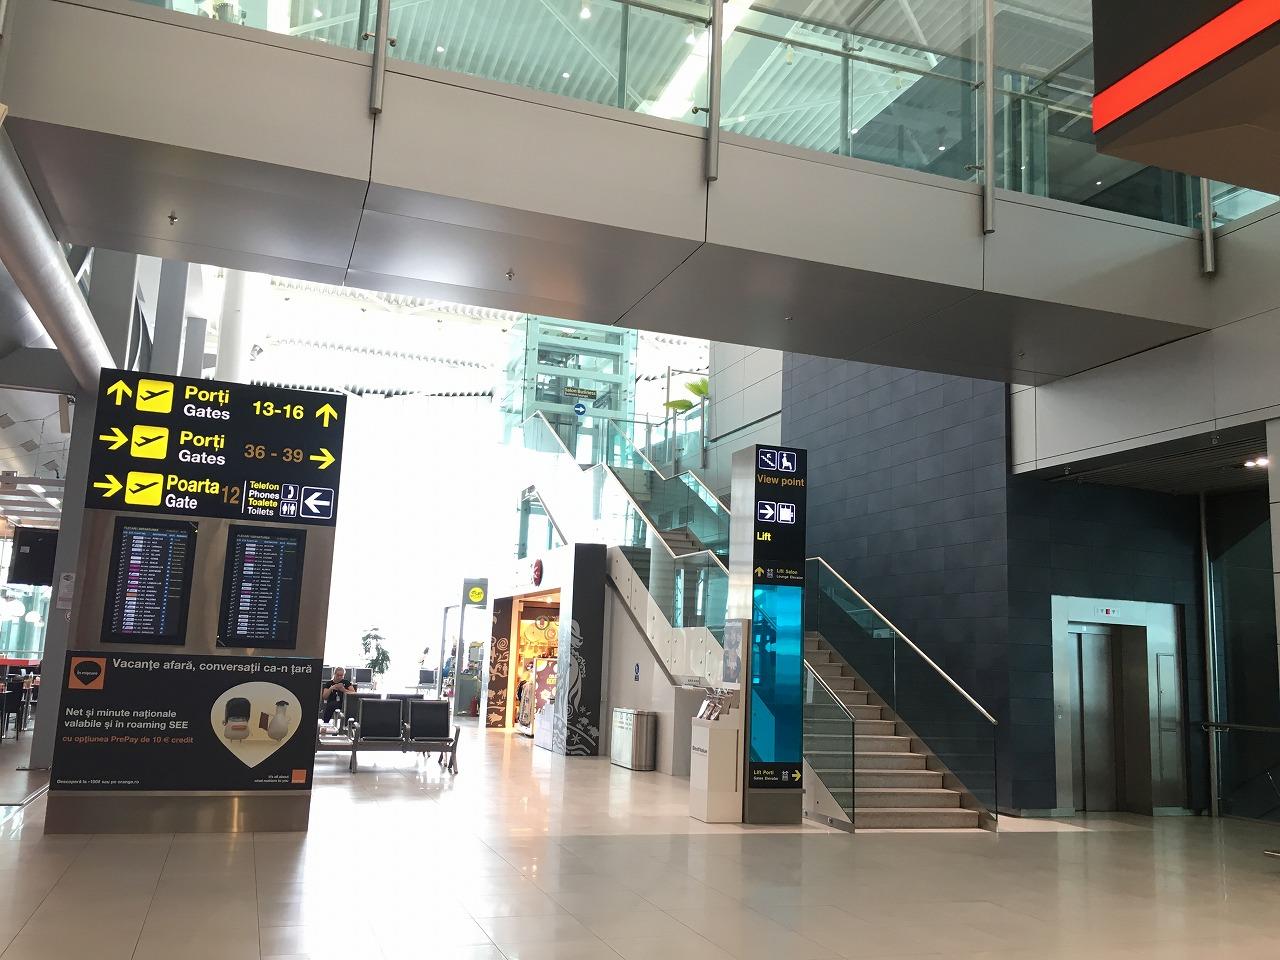 ブカレスト空港ラウンジ